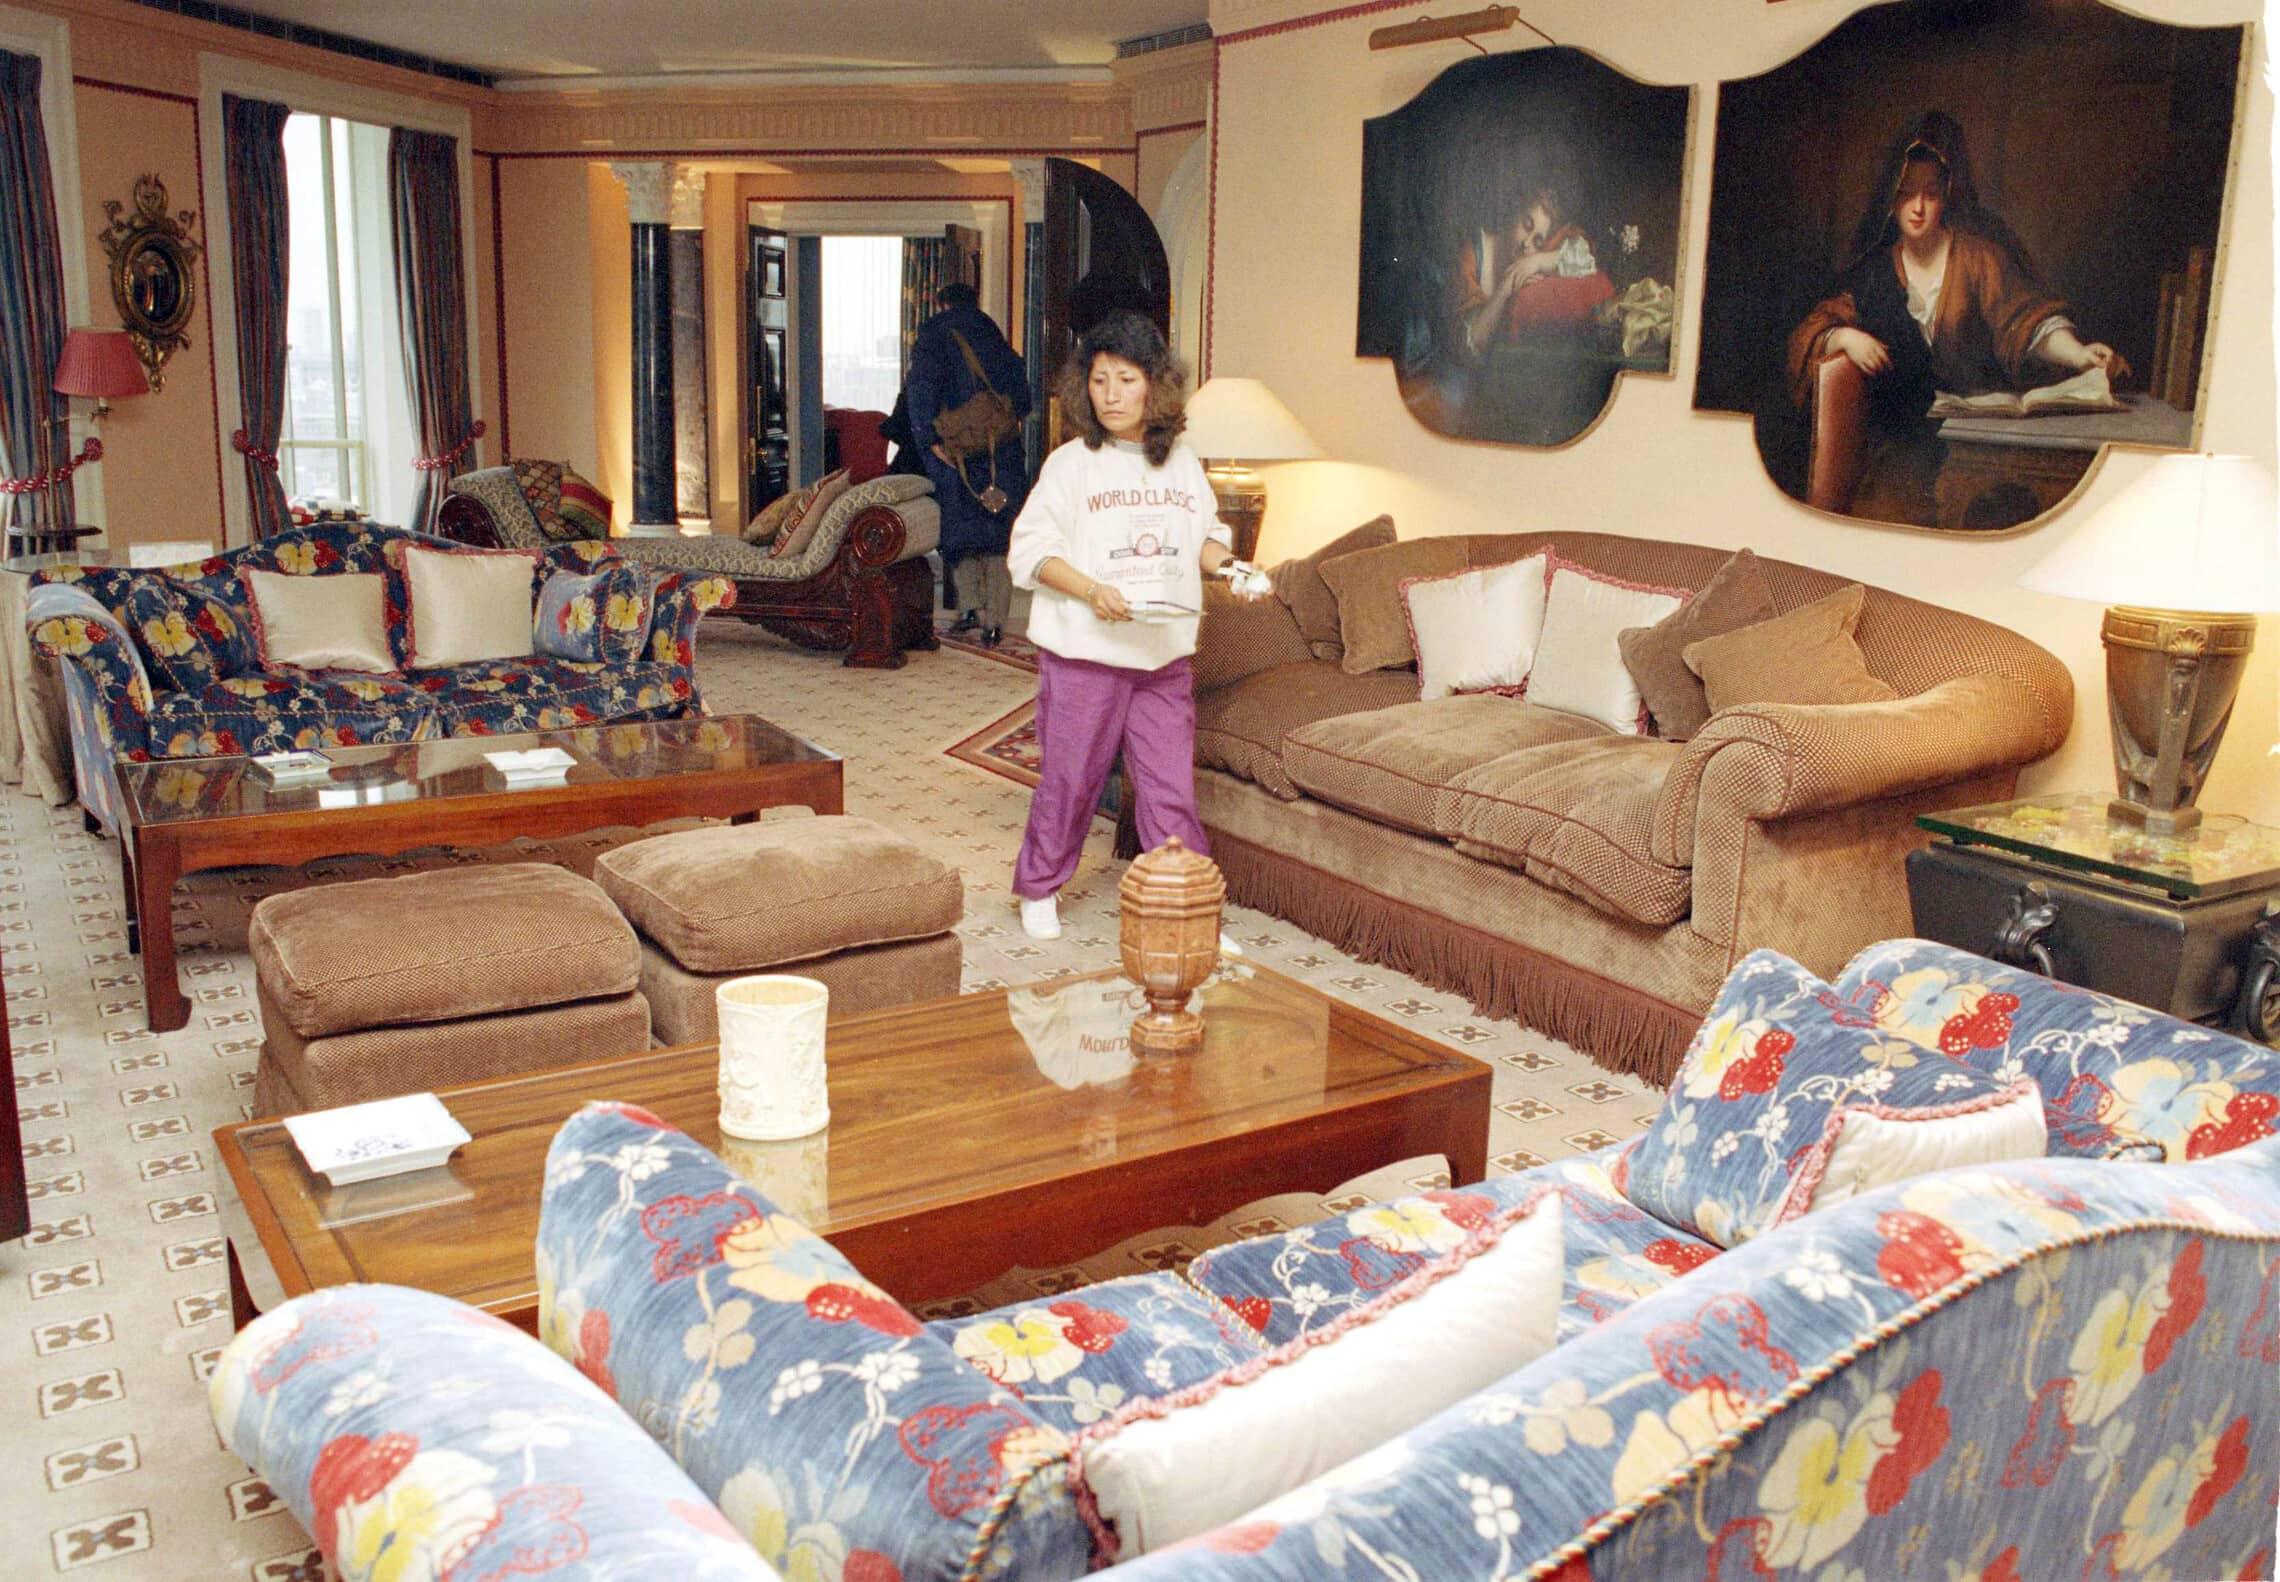 הדירה של רוברט מקסוול בלונדון, כפי שהוצעה למכירה פומבית ב-1992 (צילום: AP Photo/Gill Allen)